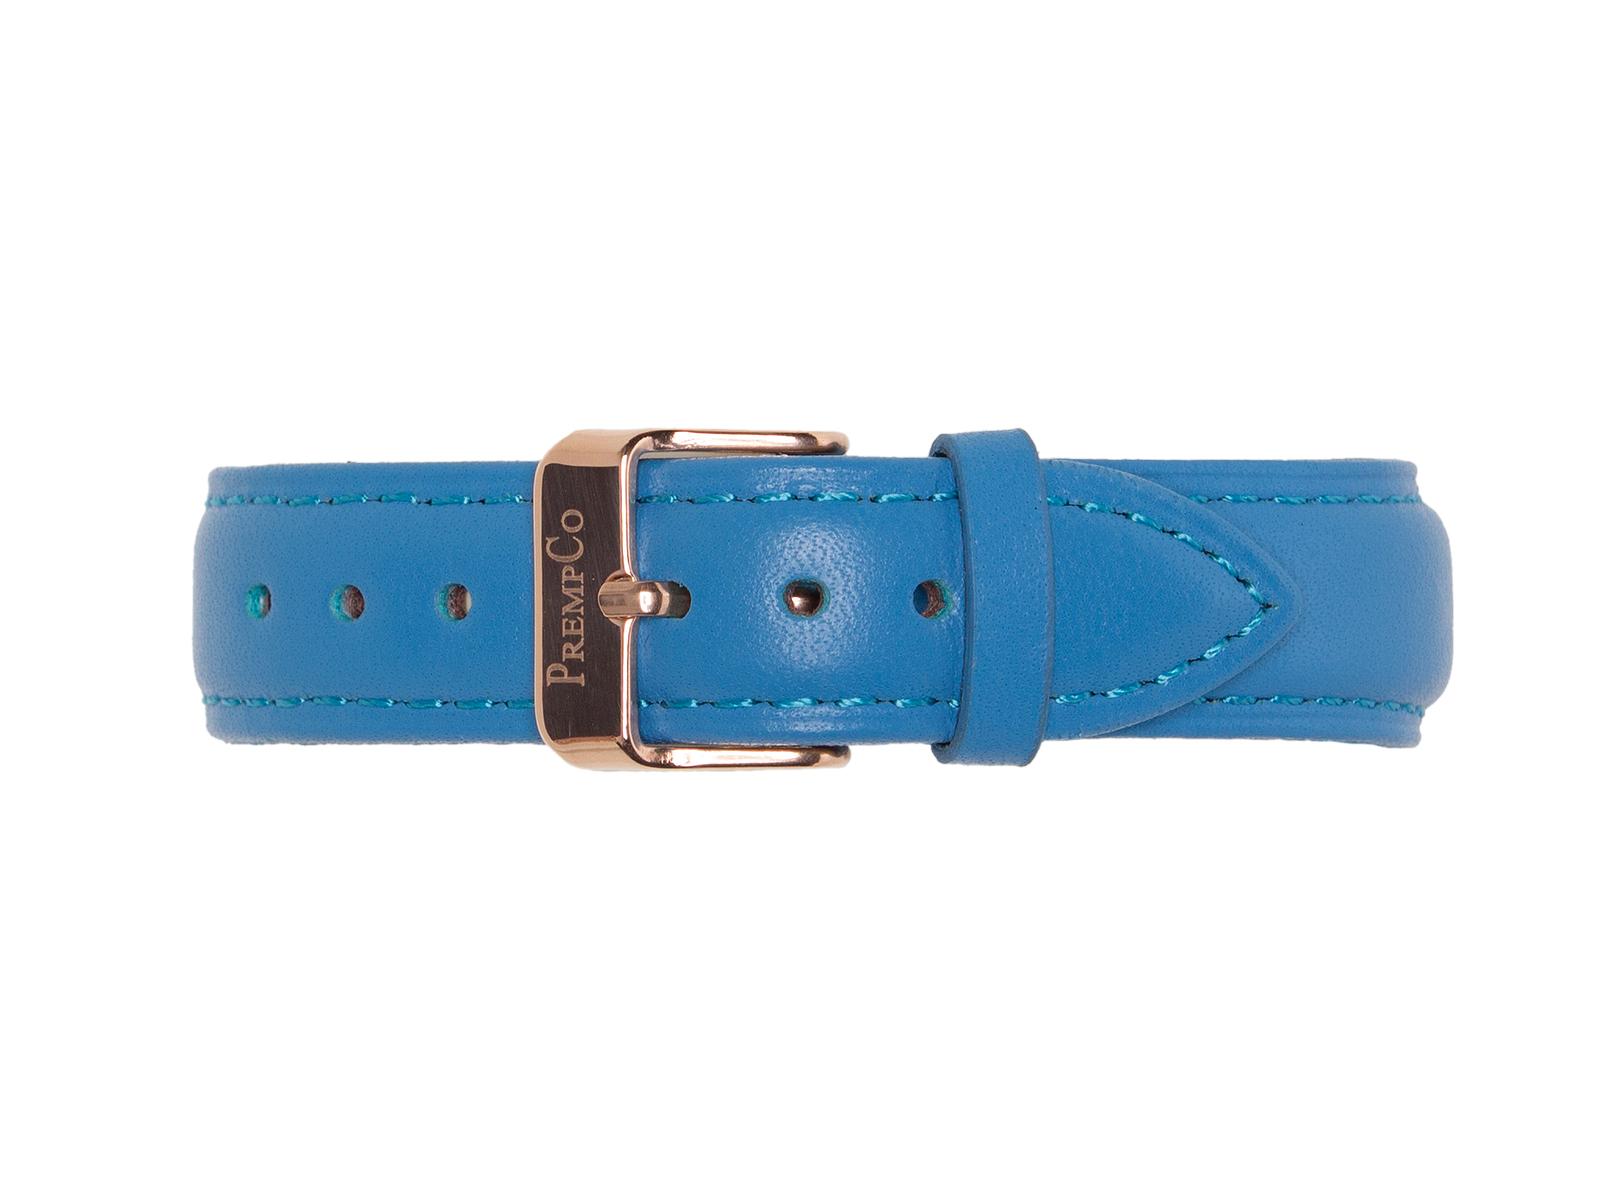 Blaues Schnellwechselband PrempCo Leder Uhrenband Uhrenarmband Schnellwechseluhrenband schnellwechseluhrenarmband